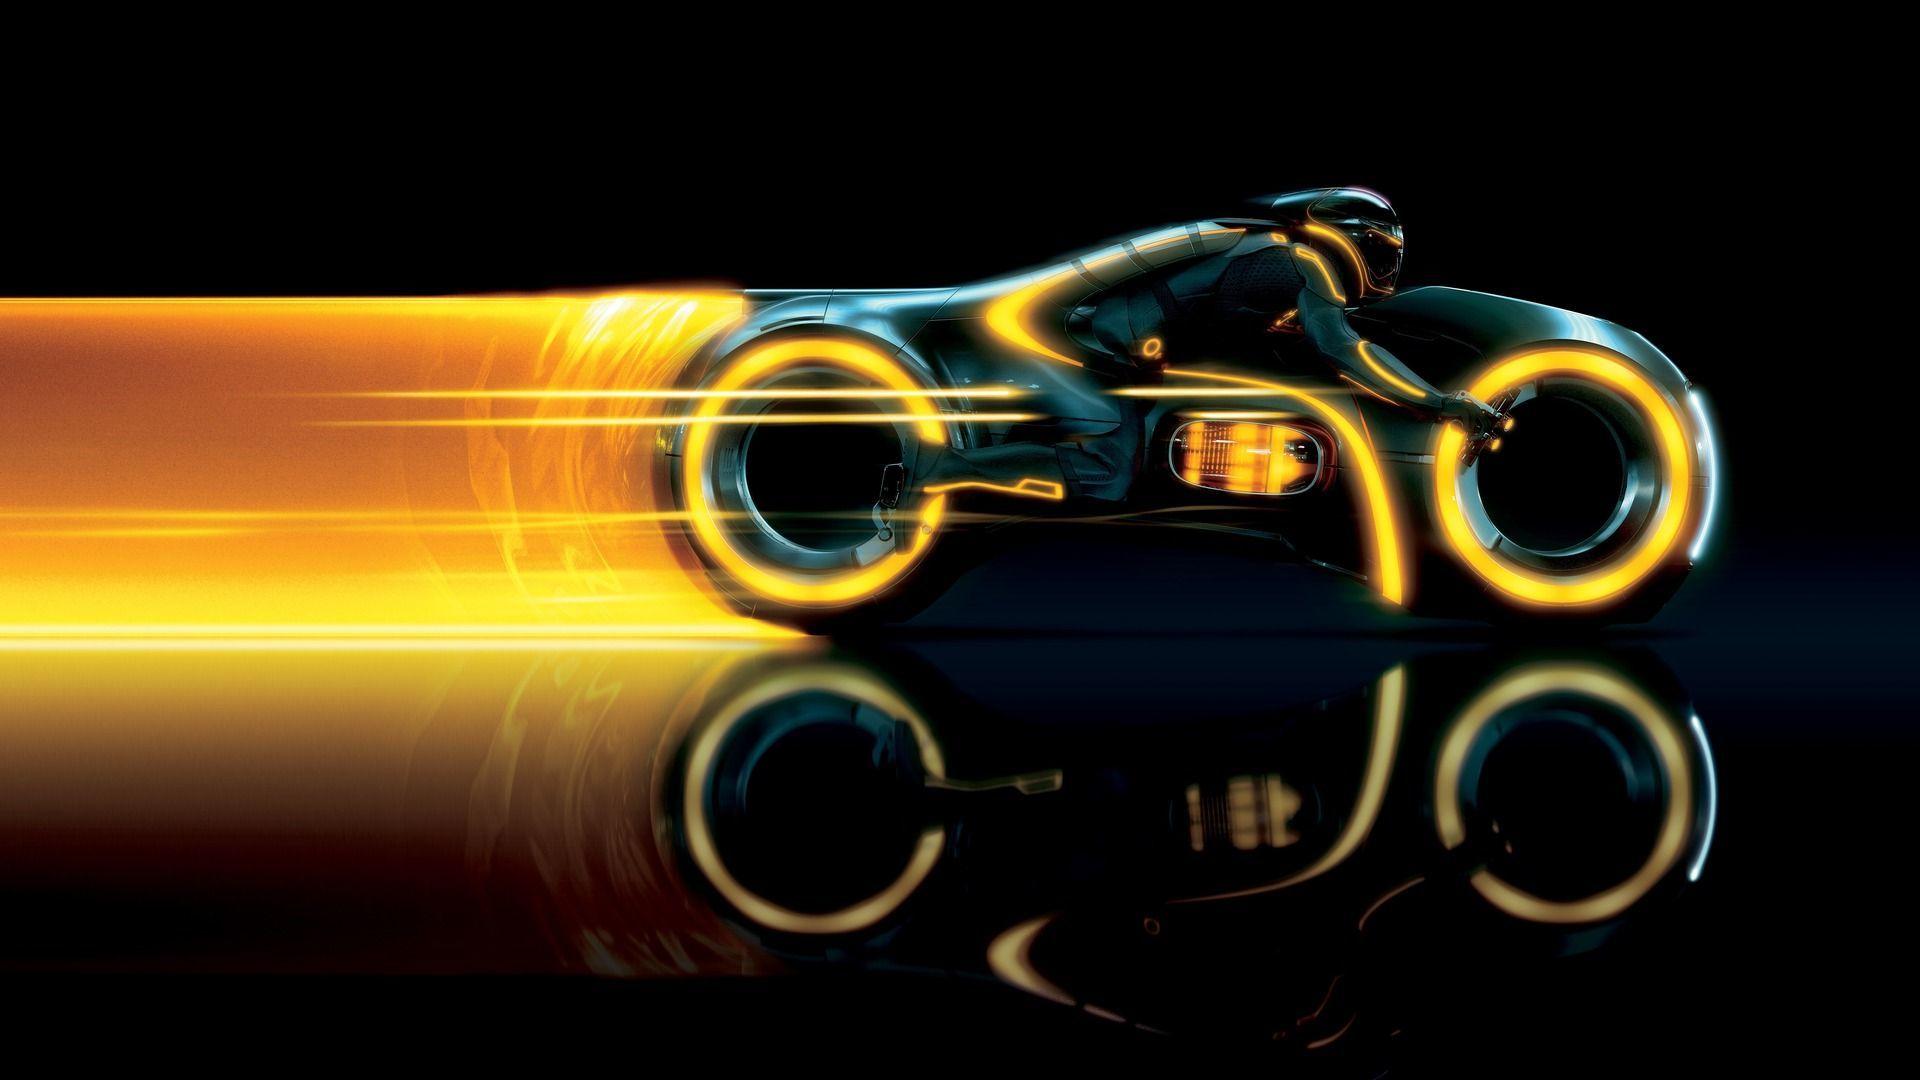 tron-bike-from-tron-legacy-1080p-movie-desktop-wallpaper-27633